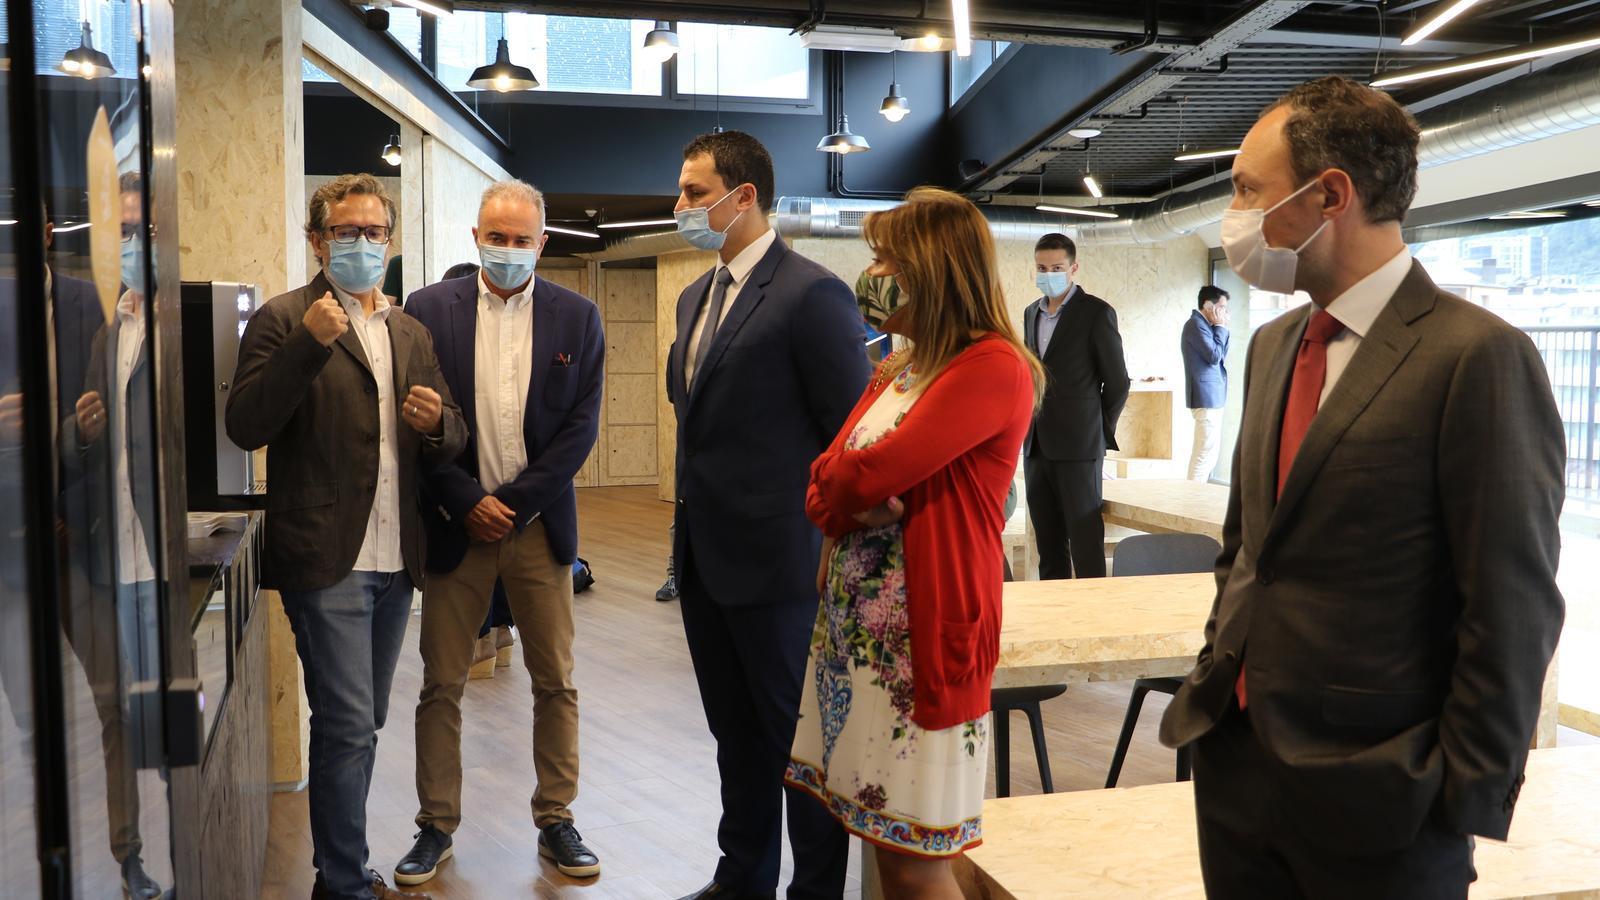 El 'project manager' de 'Hive Five', Martí Batalla, juntament amb el fundador de Bomosa, Turi Mora, expliquen el funcionament del 'coworking' al cap del Govern, Xavier Espot; el ministre de Presidència, Economia i Empresa, Jordi Gallardo, i la cònsol major d'Andorra la Vella, Conxita Marsol. / E.C. (ANA)